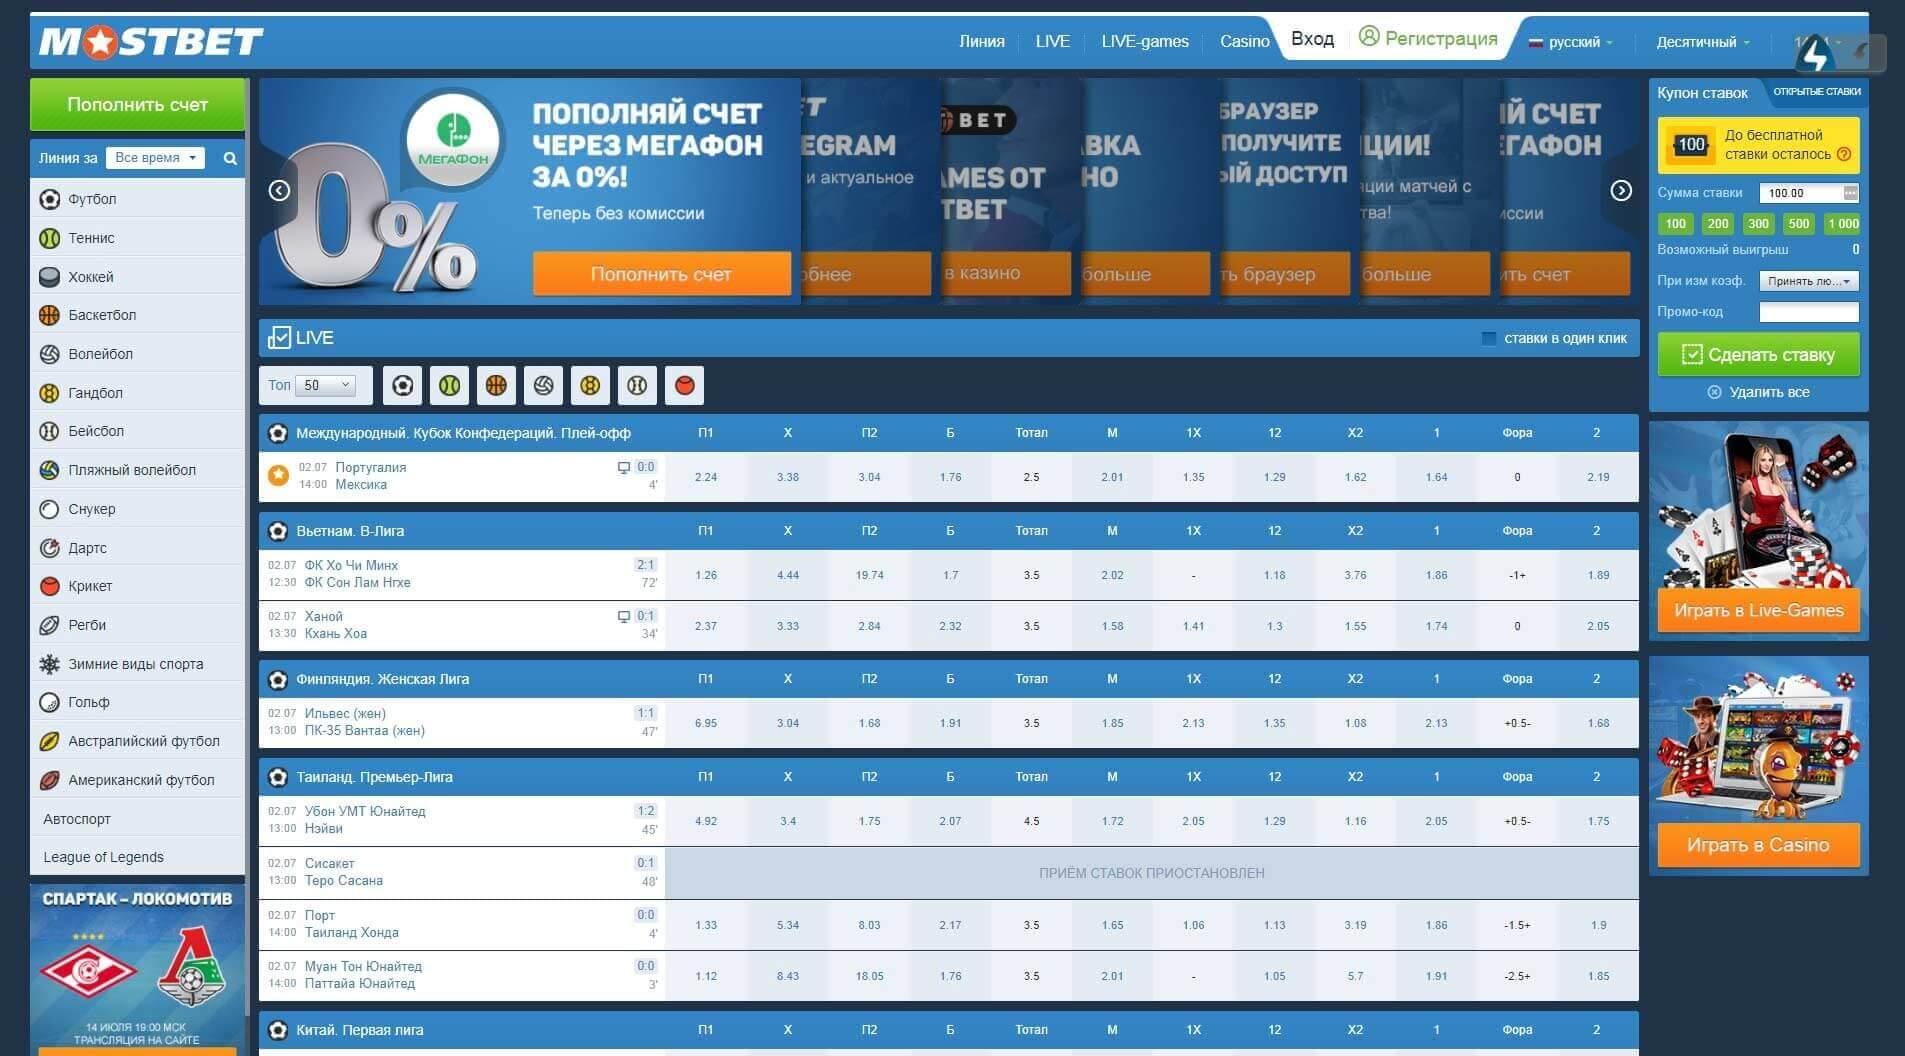 Прогноз и ставки на теннисный матч Риота Киши (Япо) — Джеймс Аллемби (Вел) 29.11.15